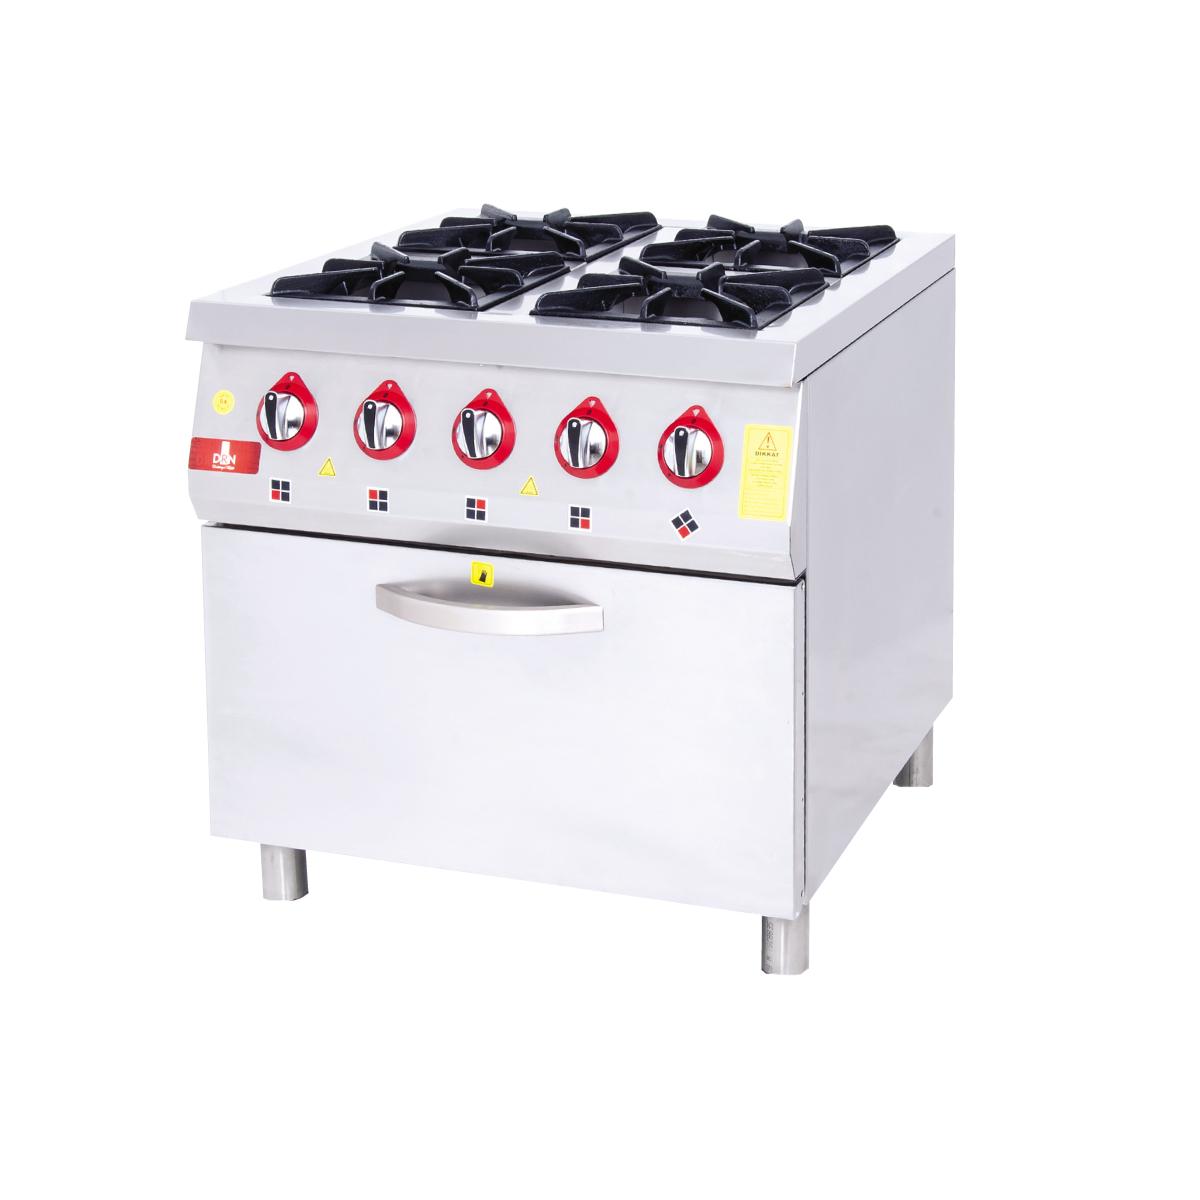 Range with oven - 4 burners - 80x80 lpg